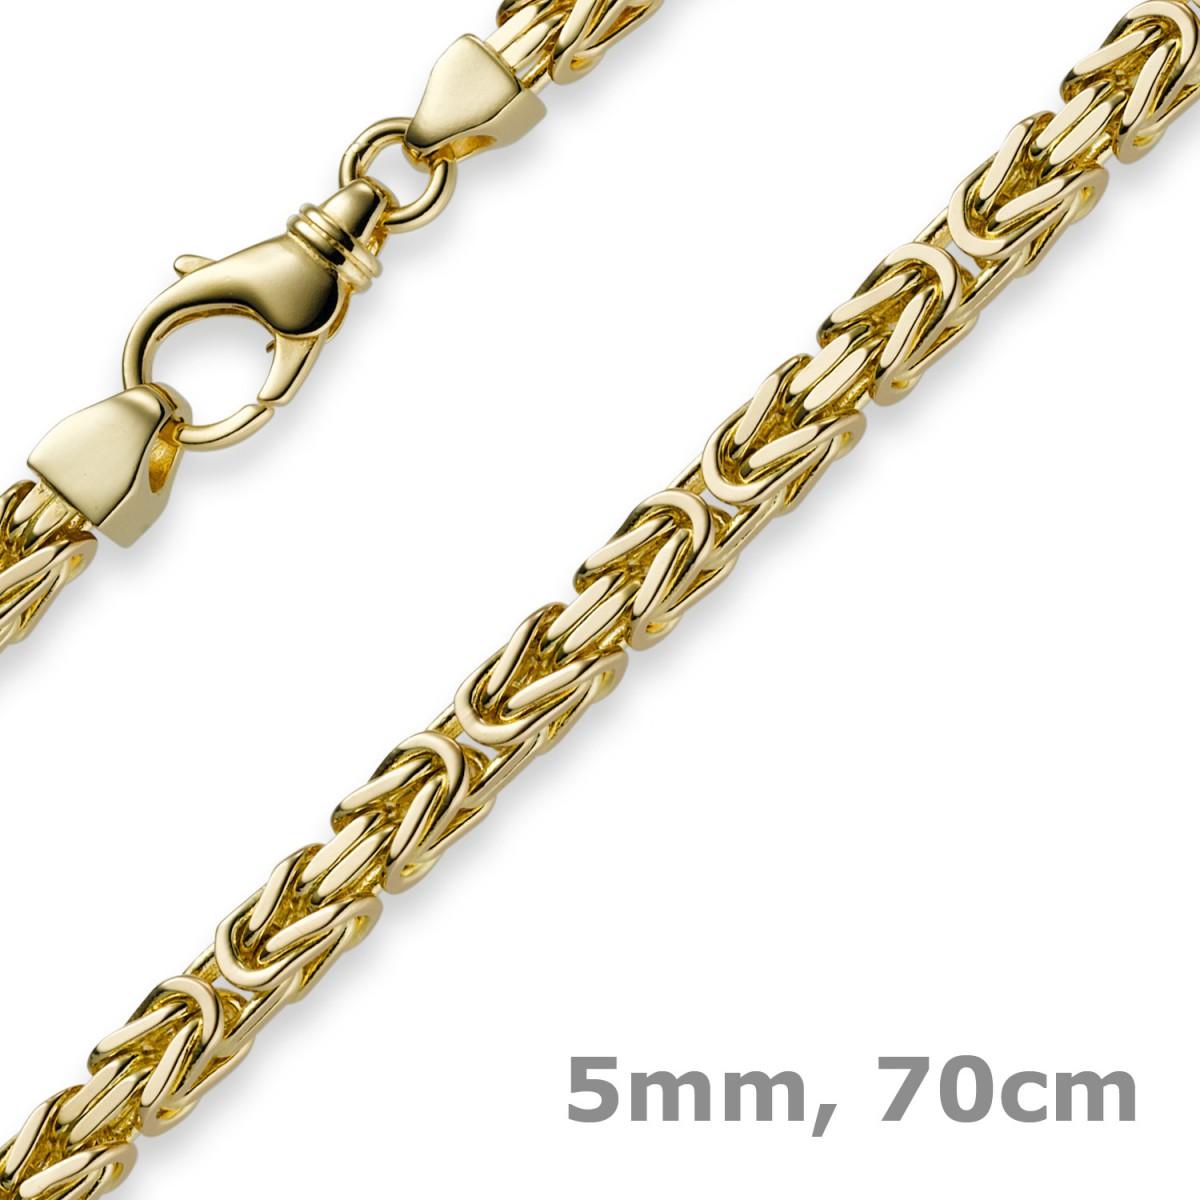 5mm k nigskette kette halskette aus 750 gold gelbgold. Black Bedroom Furniture Sets. Home Design Ideas